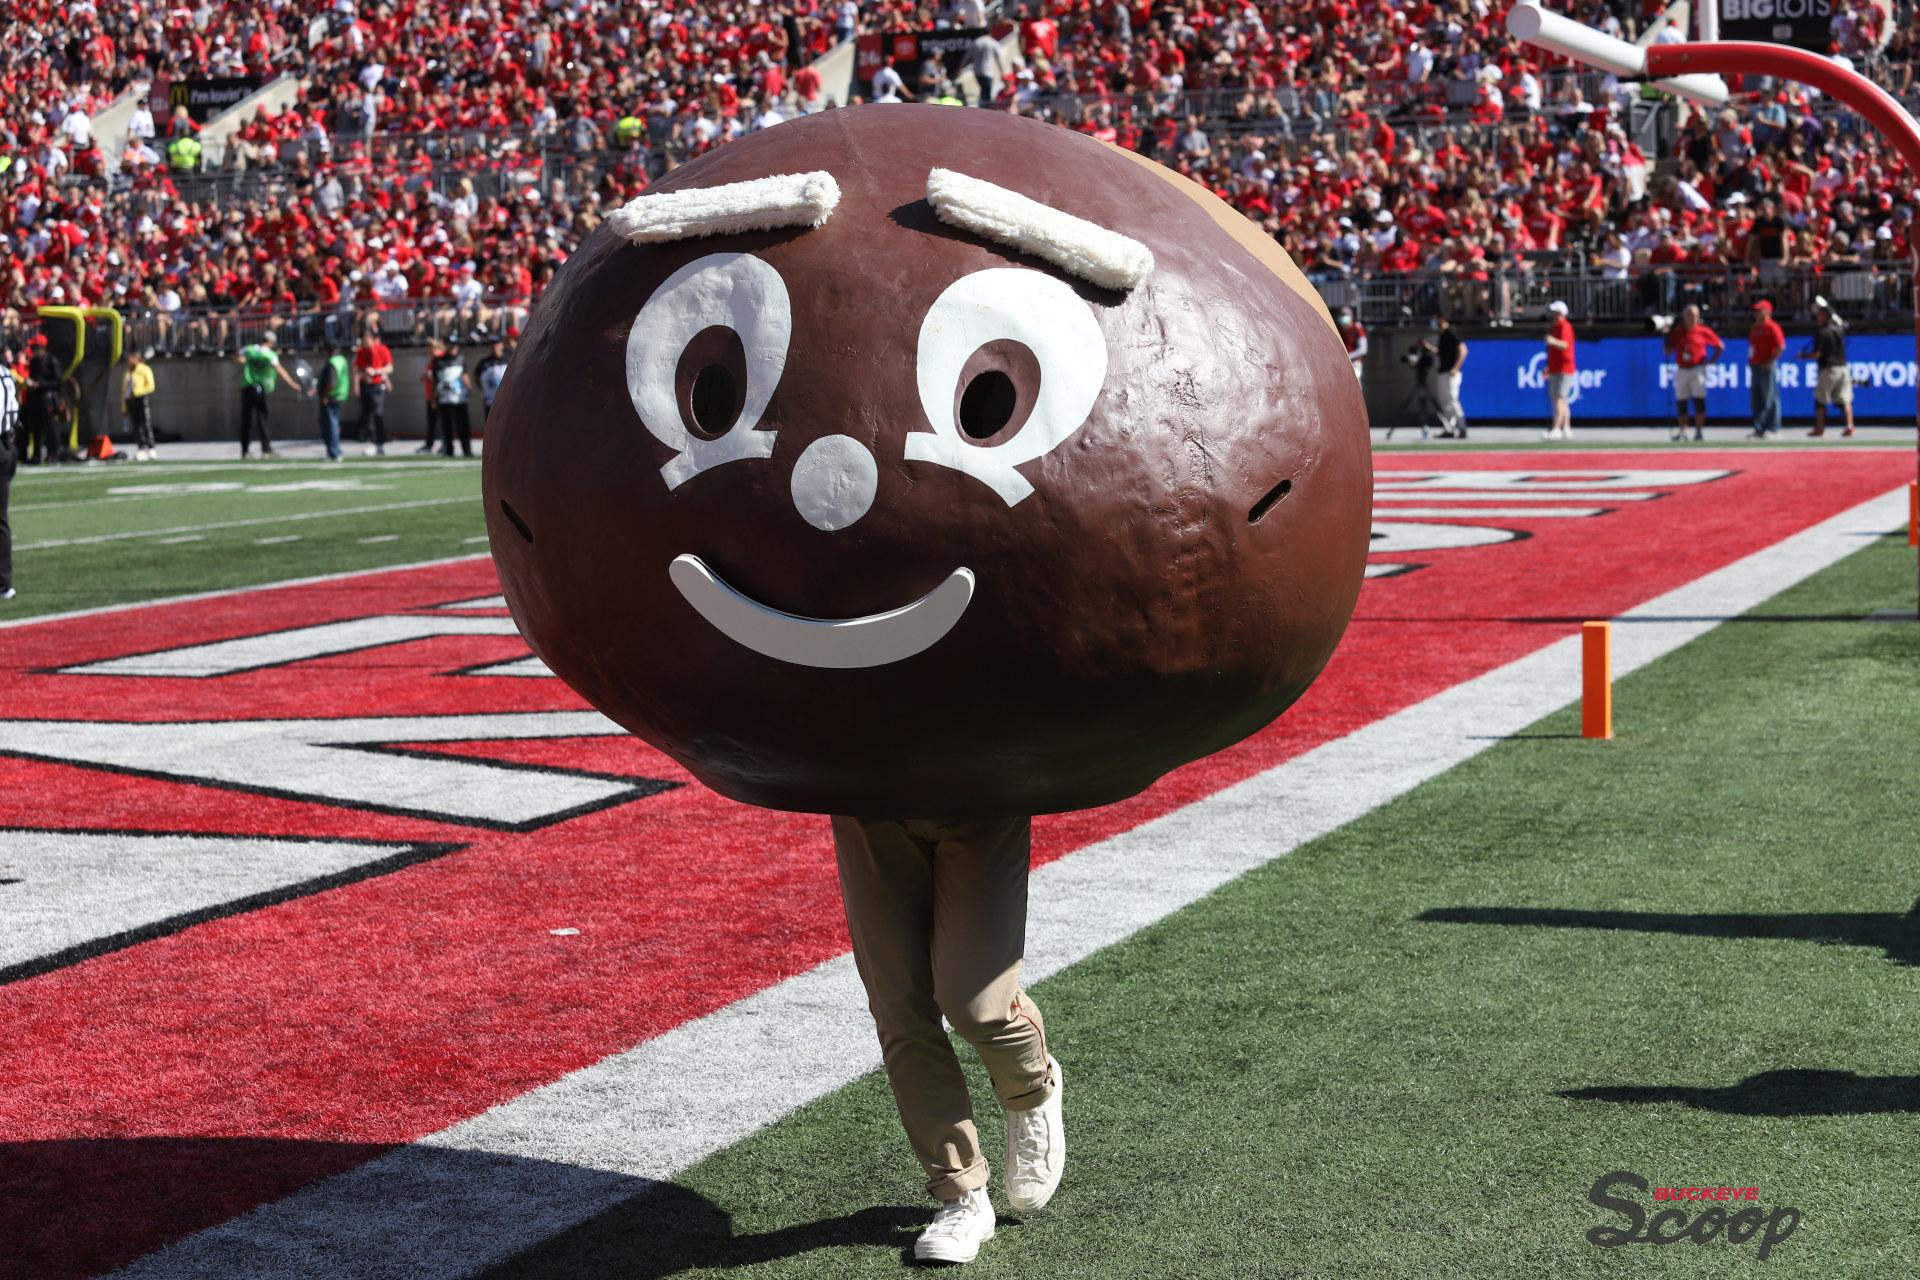 Ohio State Buckeyes Mascot Brutus